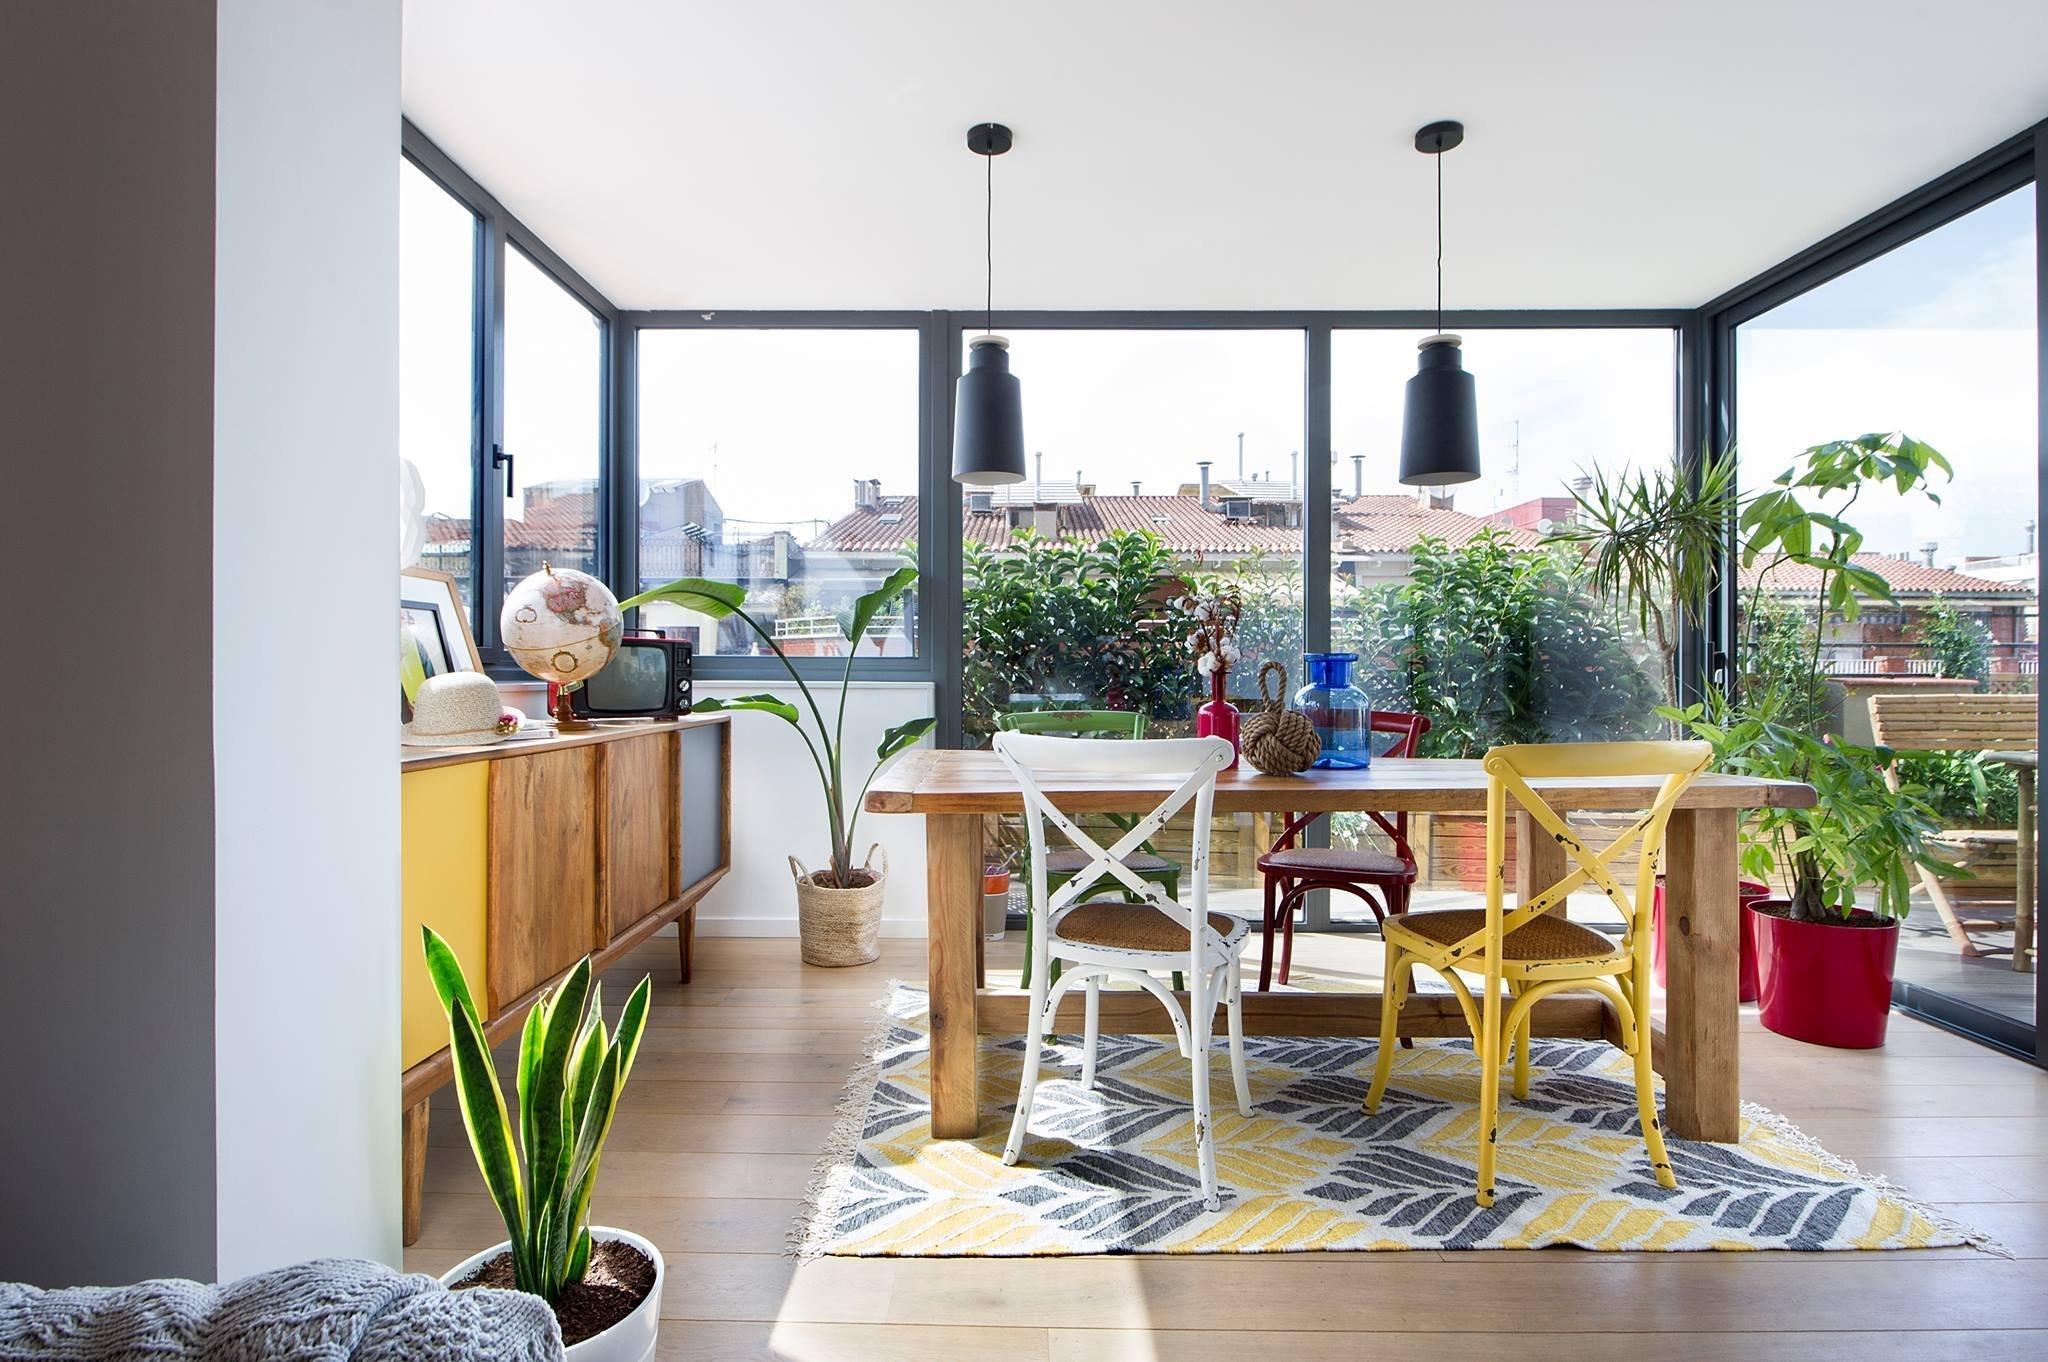 V srdci katalánské metropole, proslulé Barceloně, byl vytvořen unikátní projekt. Bydlení s výhledem na překrásnou katedrálu Sagrada Familia a na malebnou historickou čtvrť Eixample. Prosluněný byt hýří barvami i hravými nápady. Pojďme se do něj společně podívat.